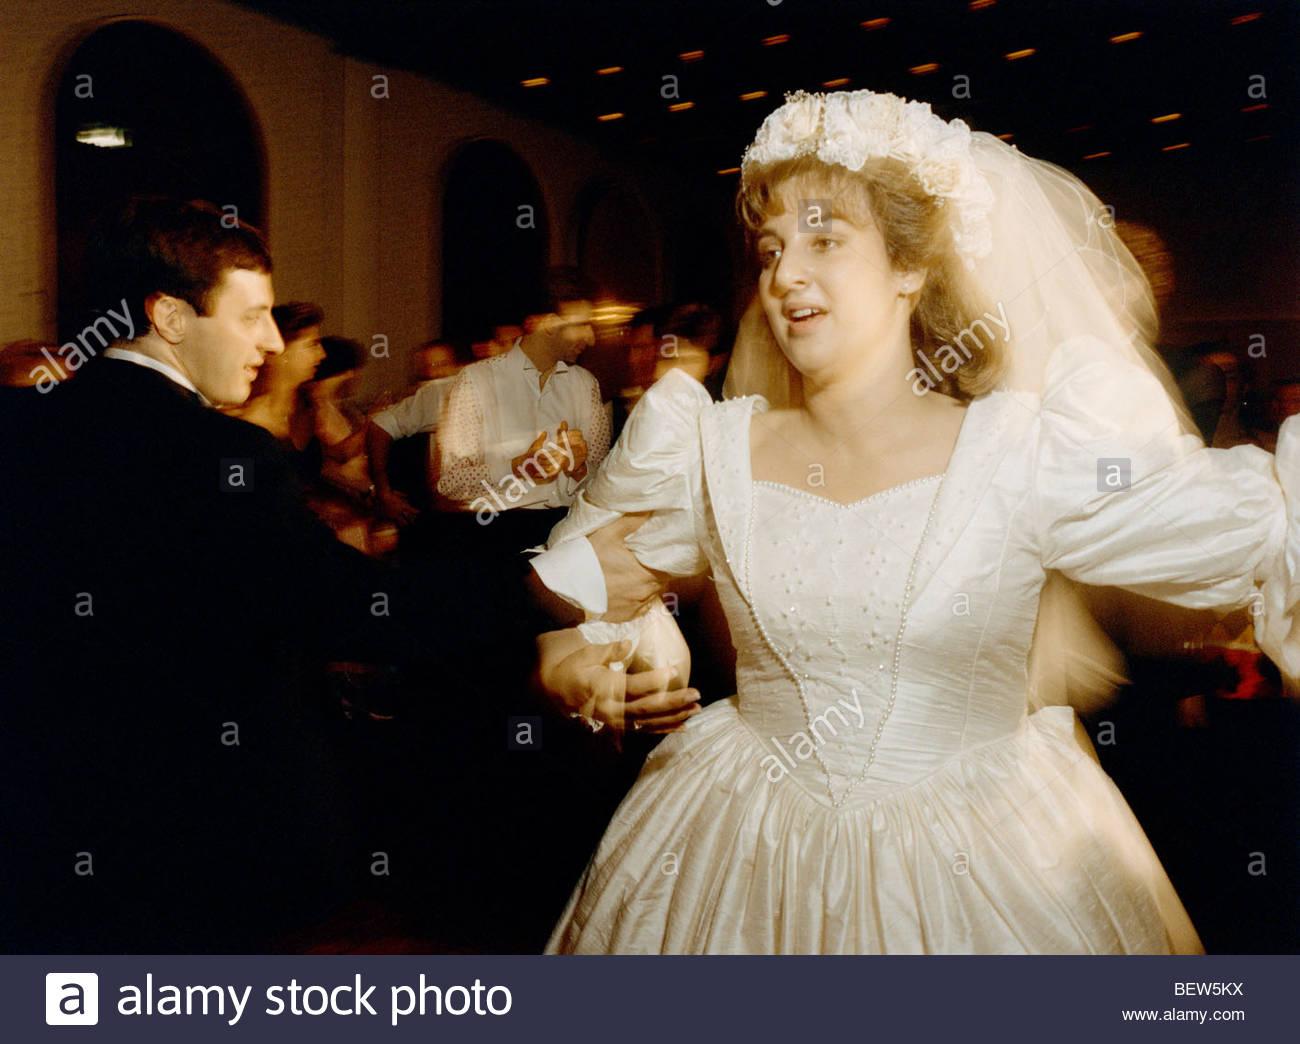 Bride and groom porn